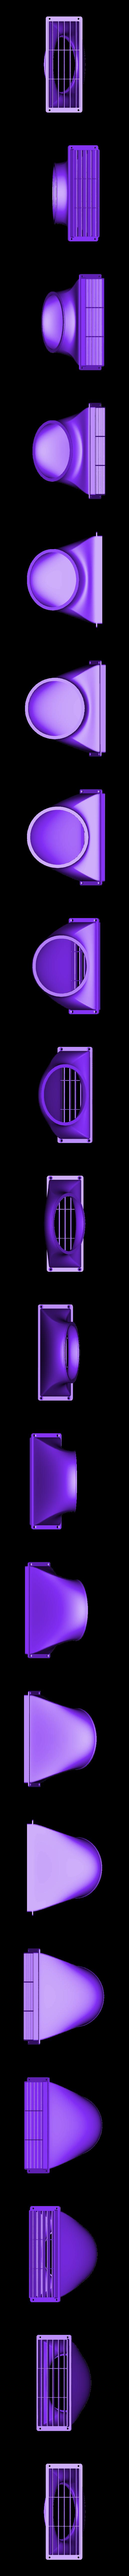 BoucheEvacuationClimatiseurMobil.stl Télécharger fichier STL gratuit Bouche d'évacuation climatiseur mobile • Modèle pour imprimante 3D, uhgues